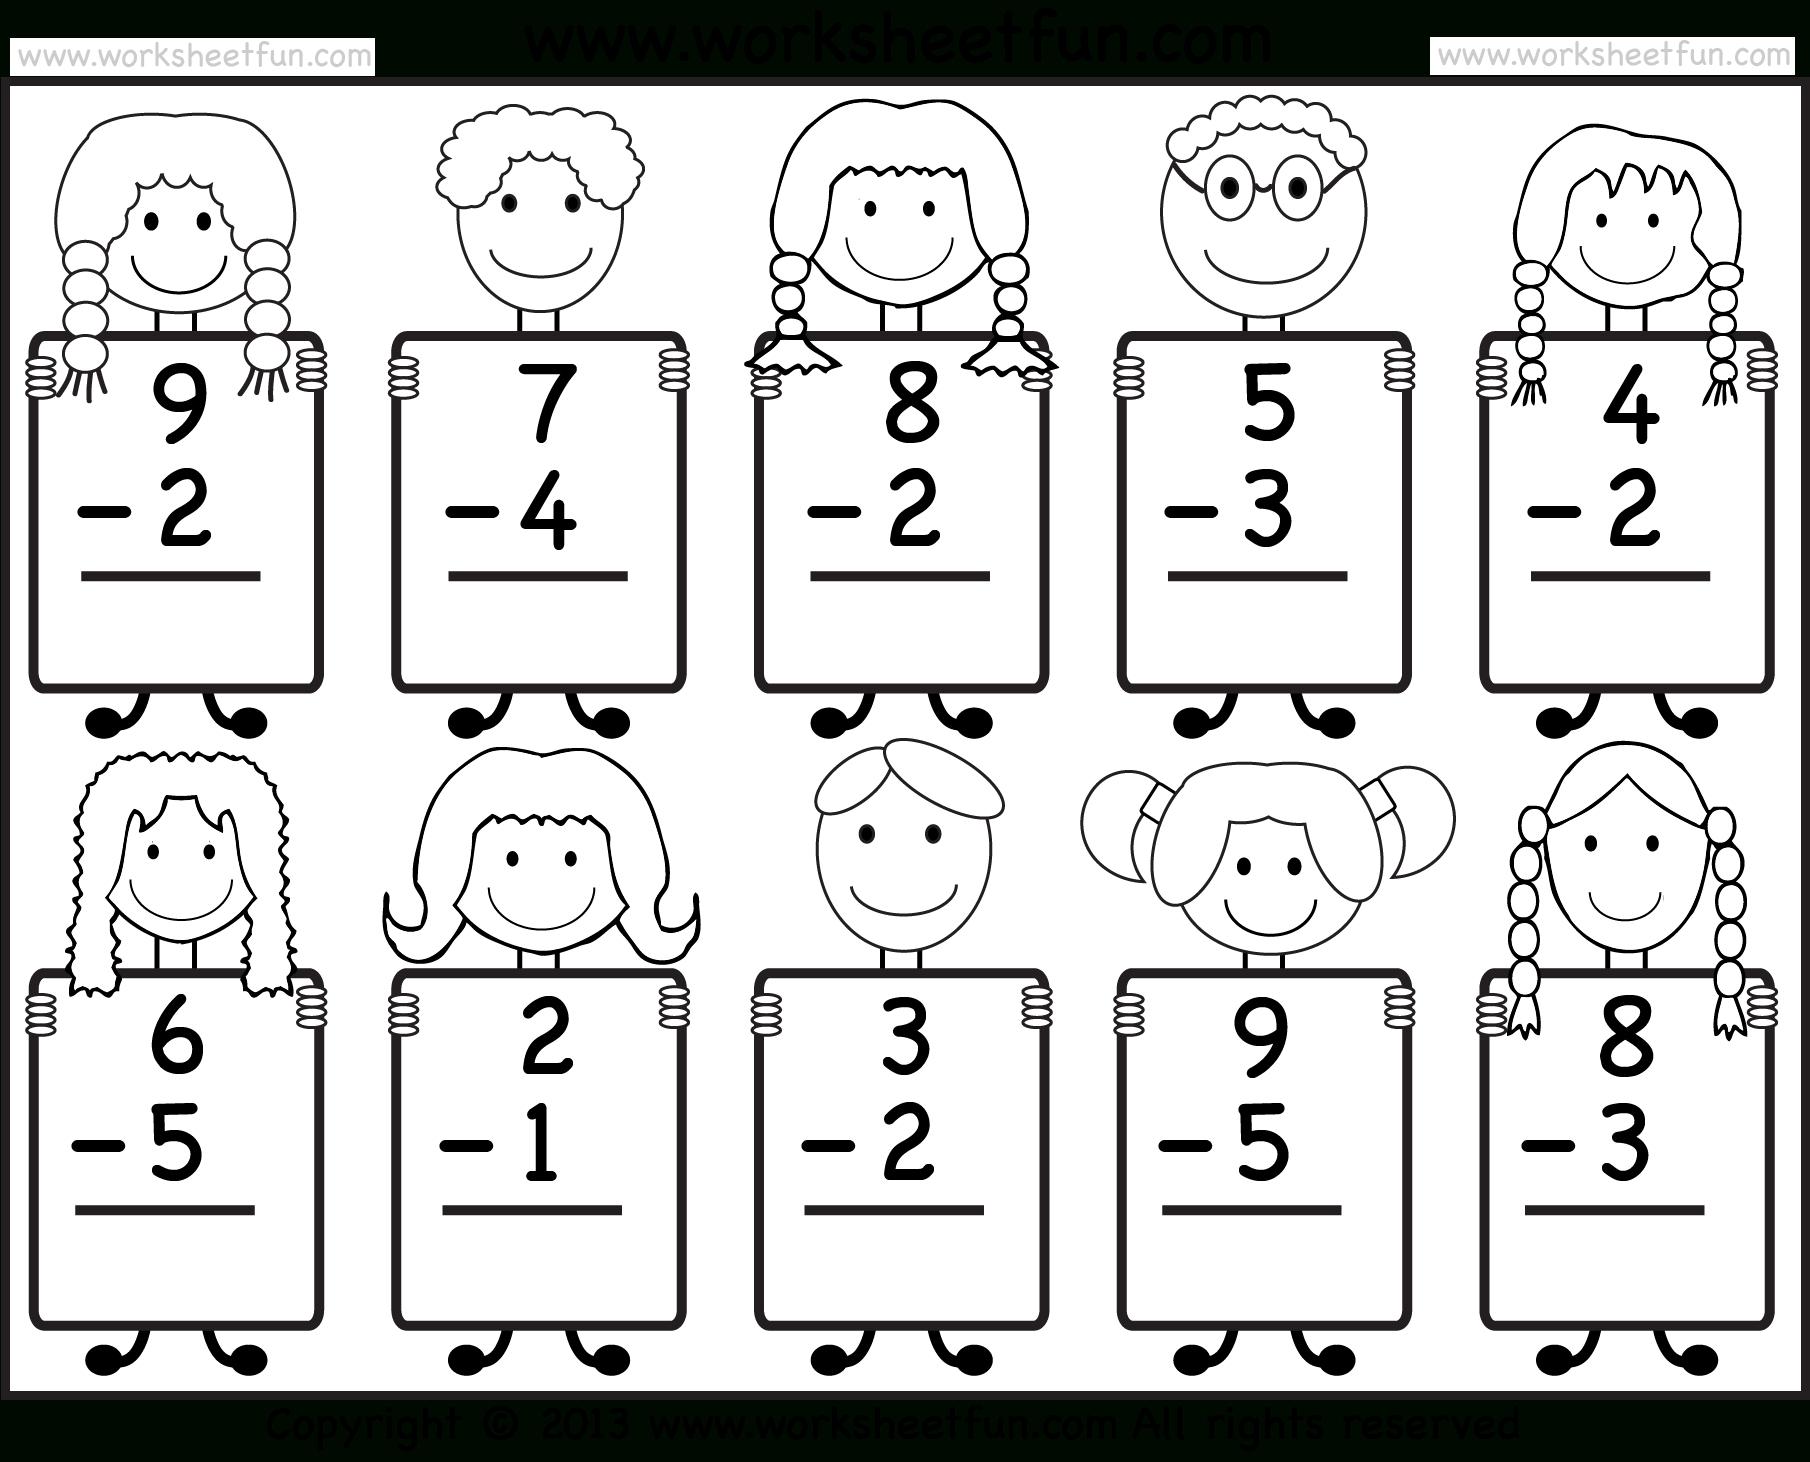 Beginner Subtraction – 10 Kindergarten Subtraction Worksheets / Free - Free Printable Worksheets For Kg1